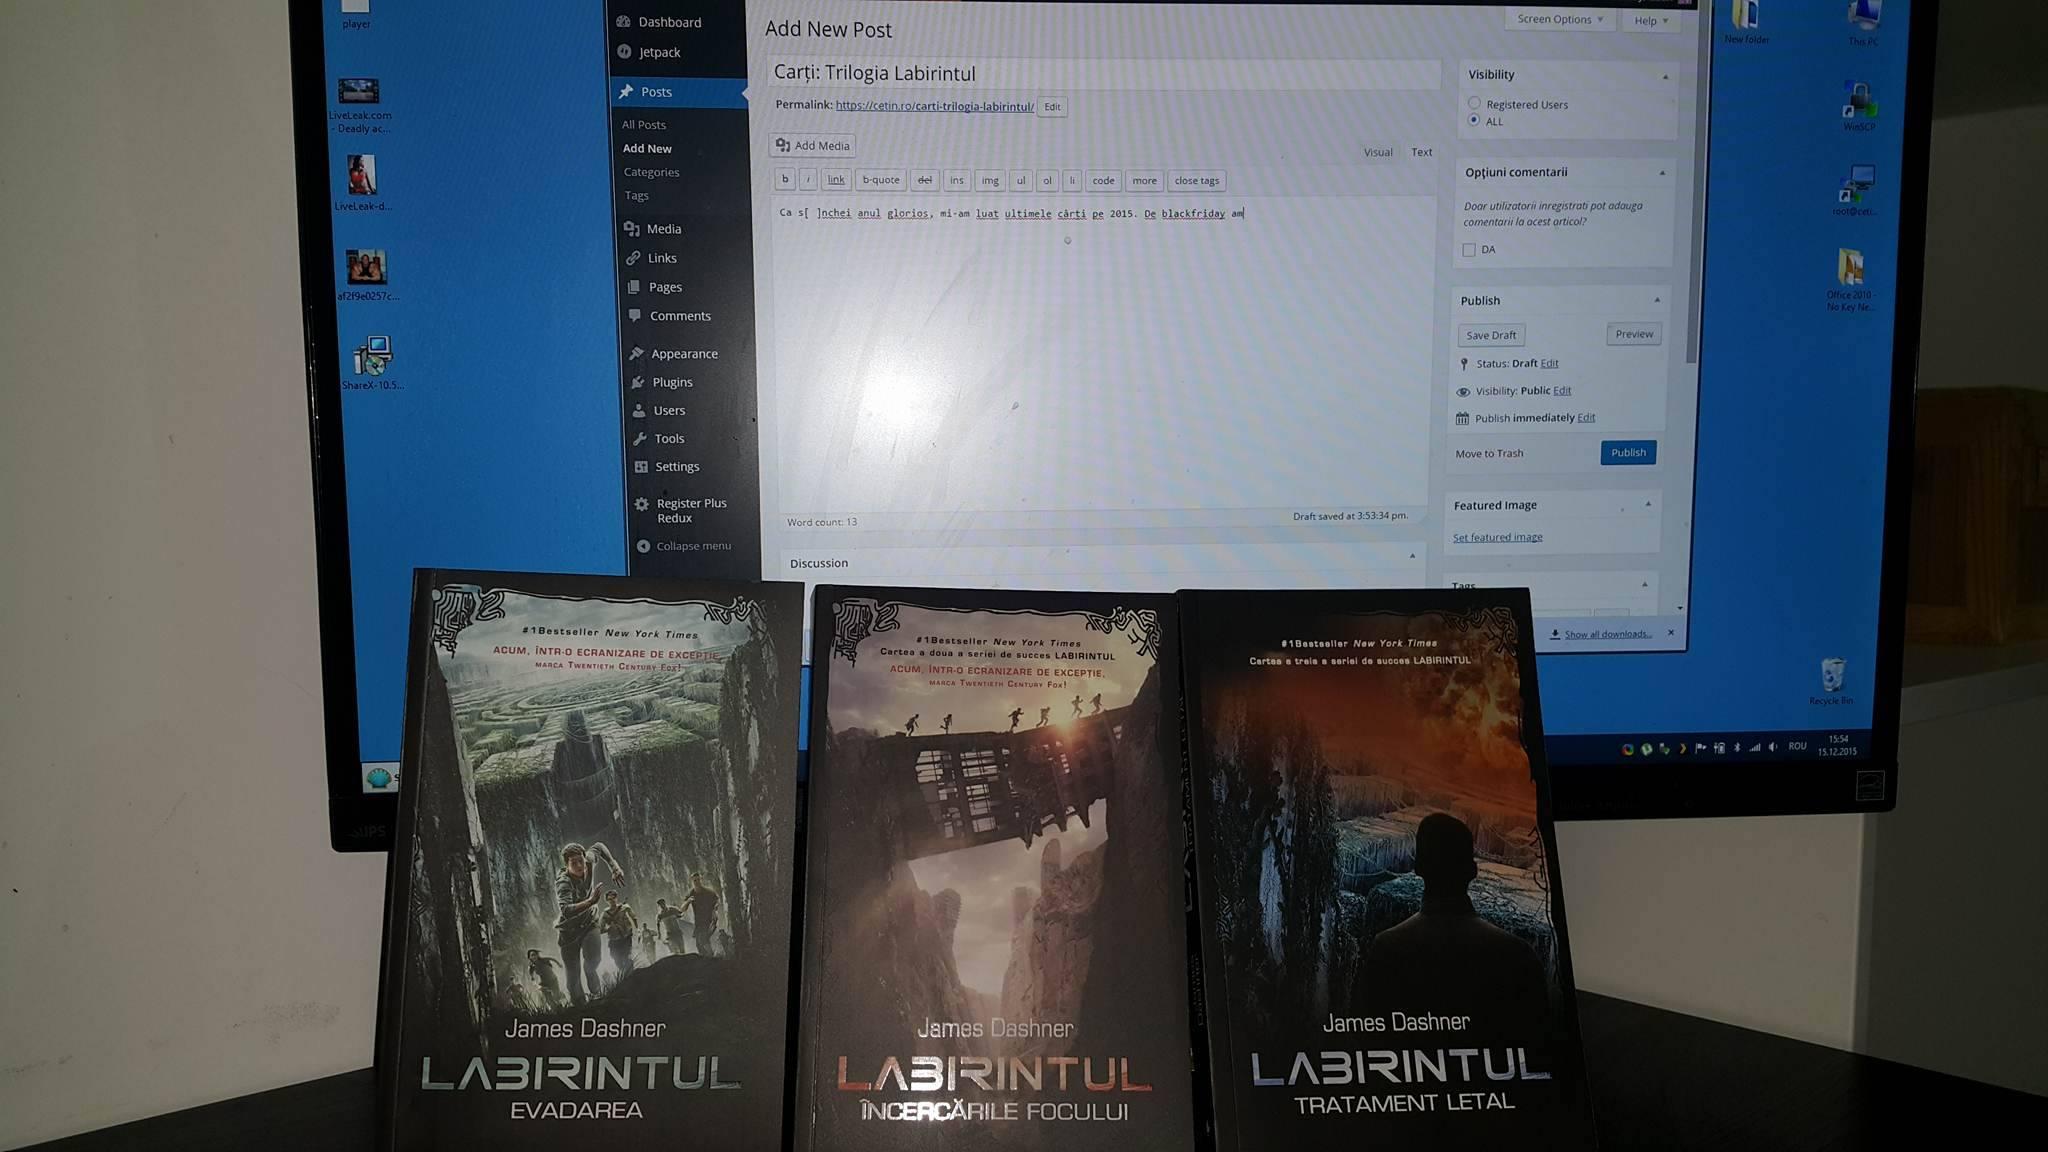 trilogia labirintul